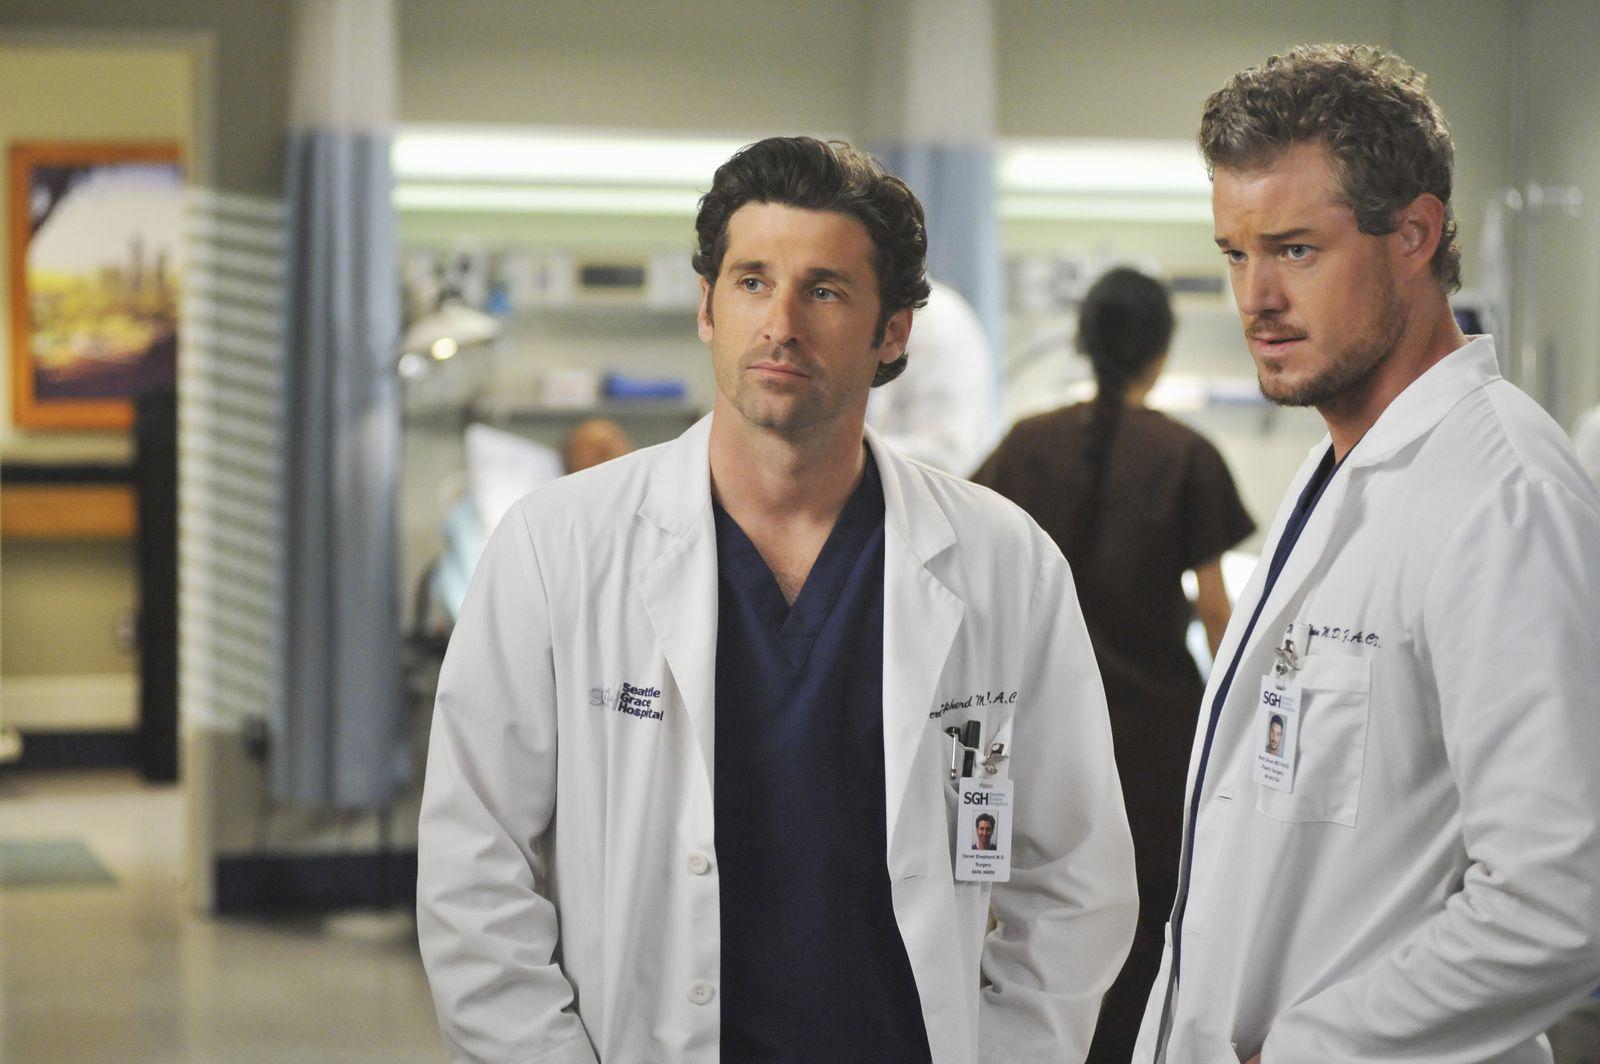 5 dottori televisivi che ti hanno fatto andare in fissa con i medical drama e il camice bianco